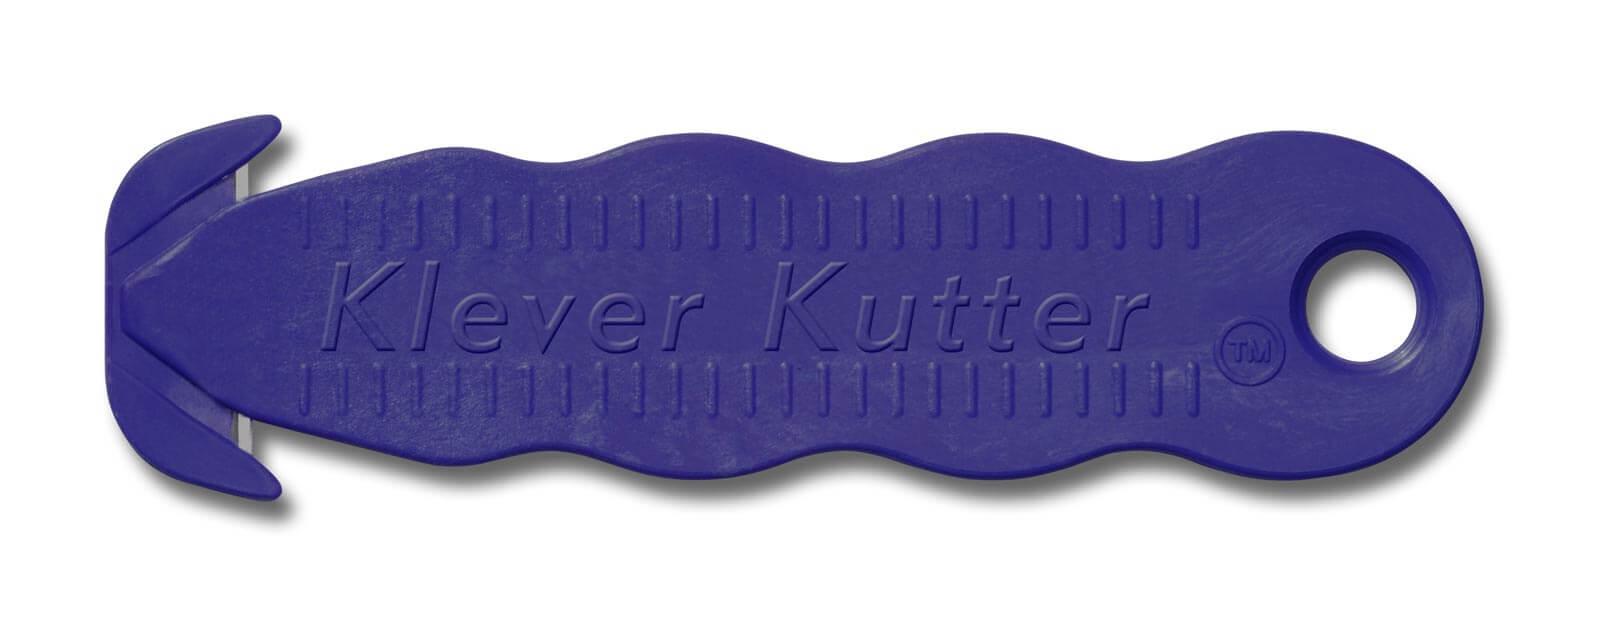 H035-Sicherheitsmesser-Klever-Kutter-maximaler-Schutz-DETEKTIERBAR-CURT-tools